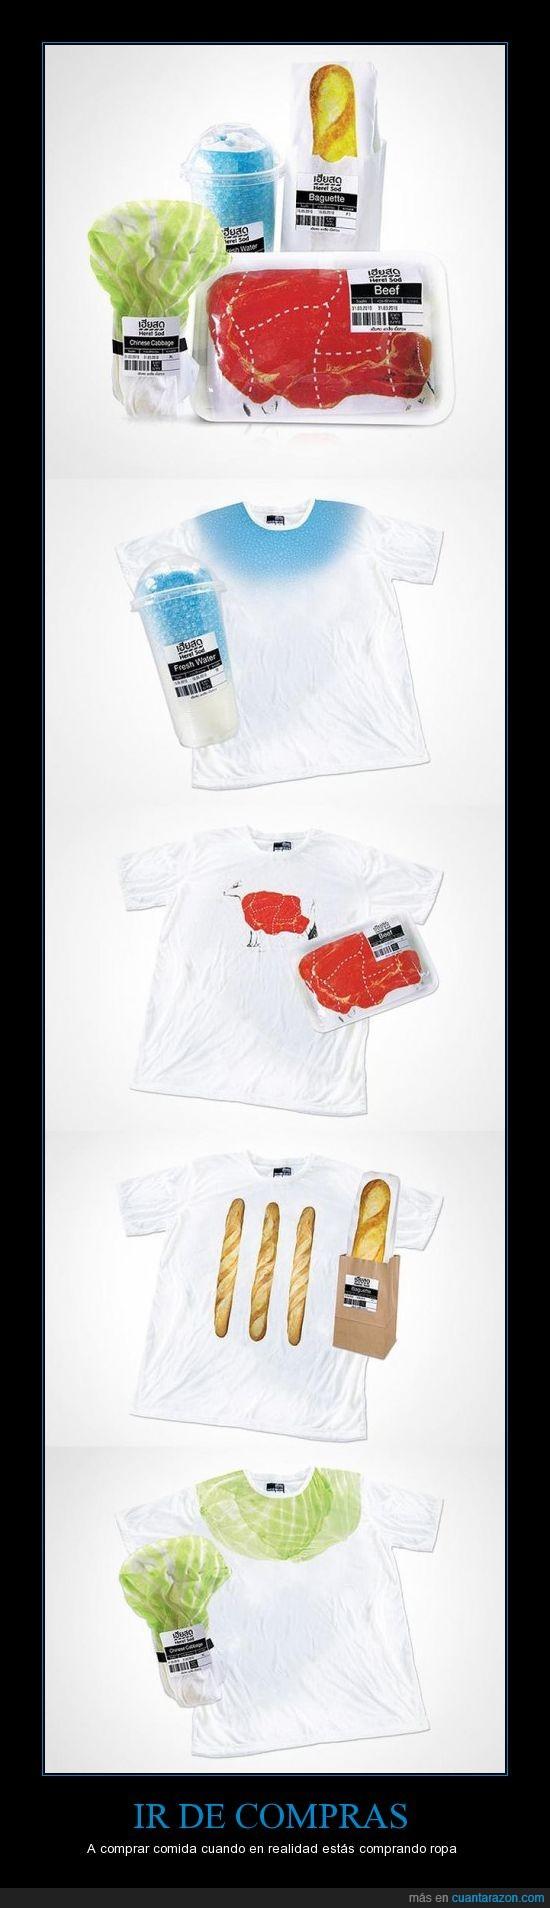 alimentos,disfraz,ropa